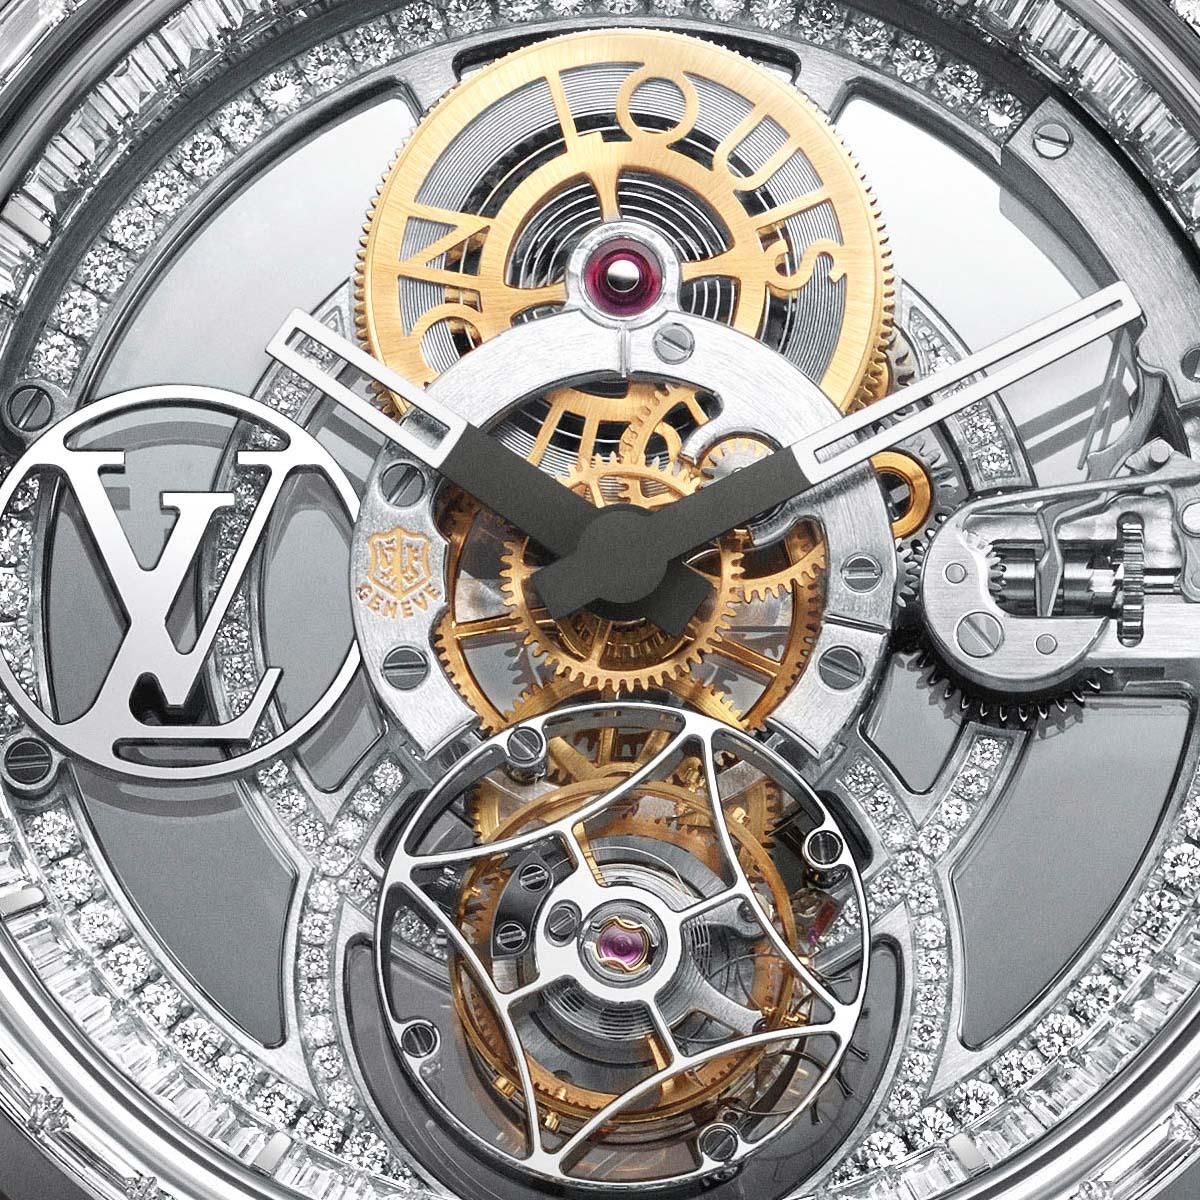 La Cote des Montres : Photo - Louis Vuitton Tambour Moon Tourbillon Volant « Poinçon de Genève » pavée